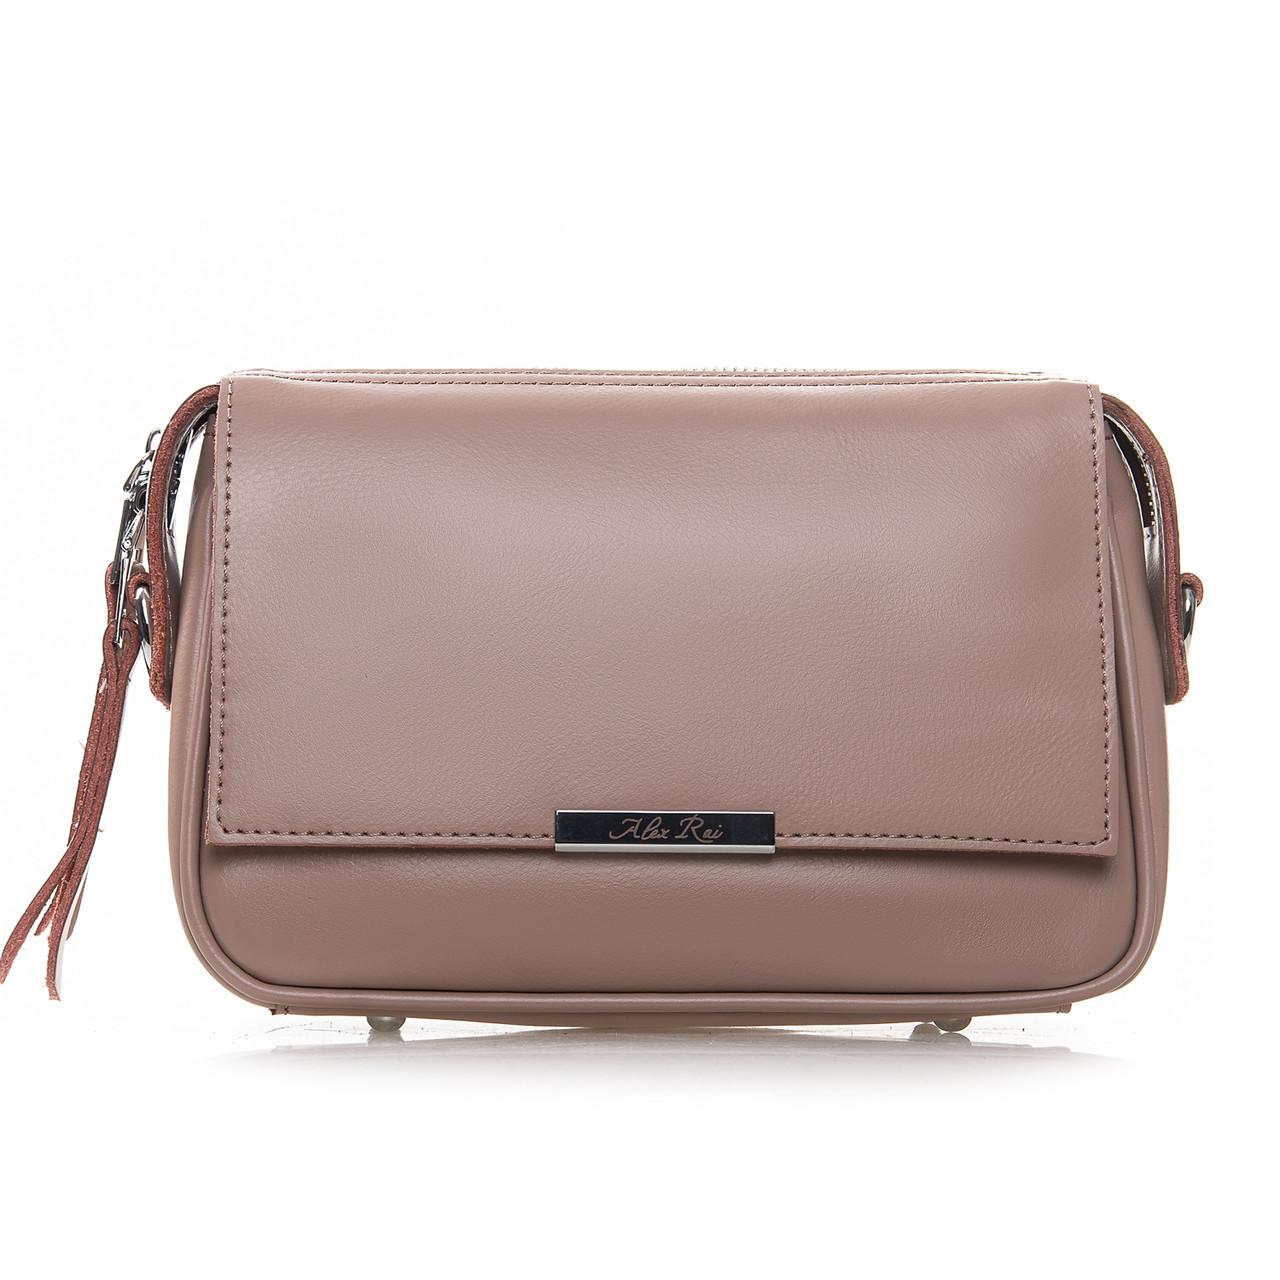 Сумка Женская Клатч кожа ALEX RAI 2-01 2227 pink